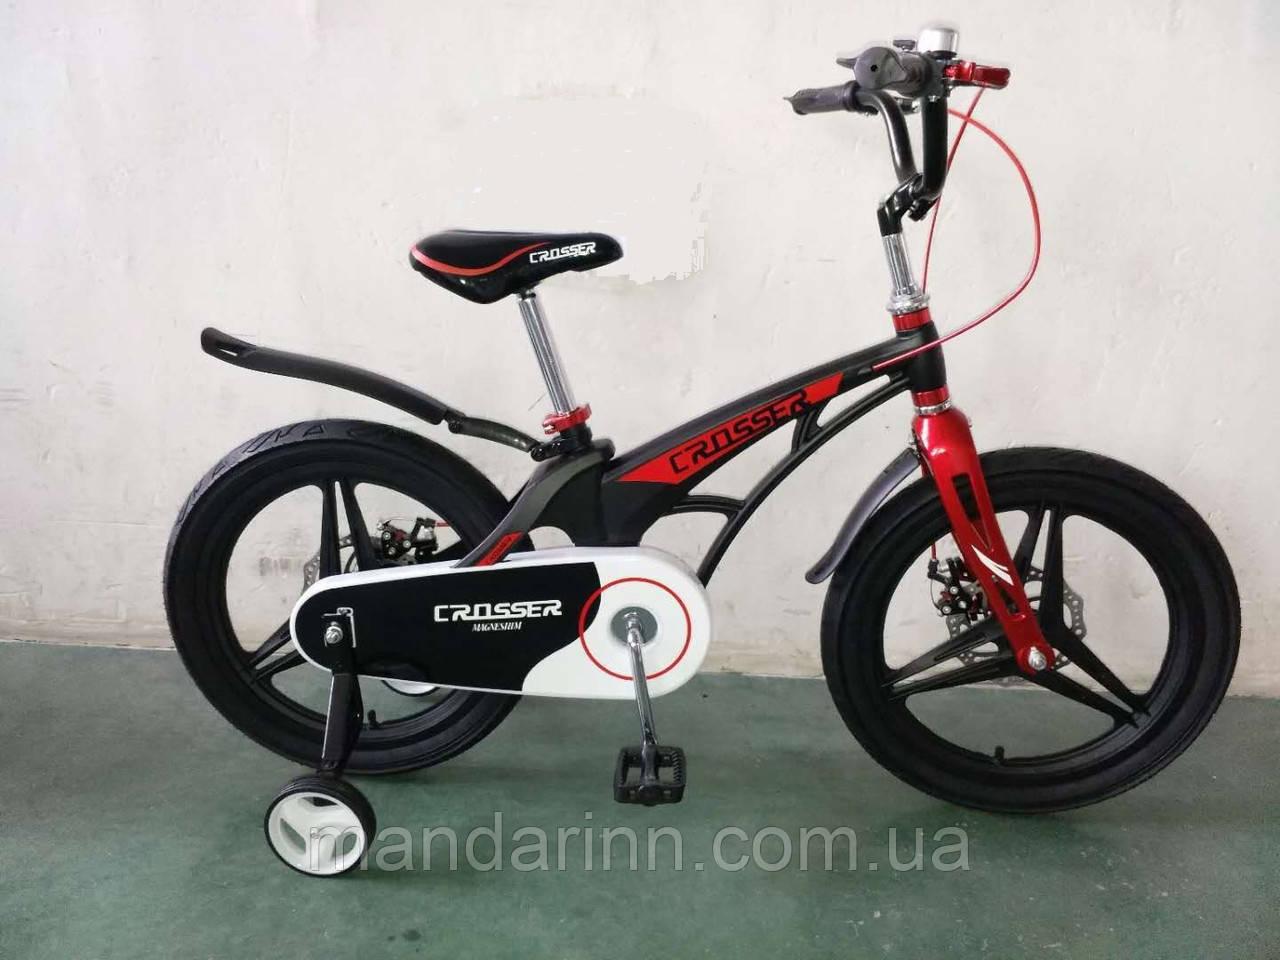 """Детский Велосипед """"Crosser-14"""" Черный. Суперлегкий.Премиум"""